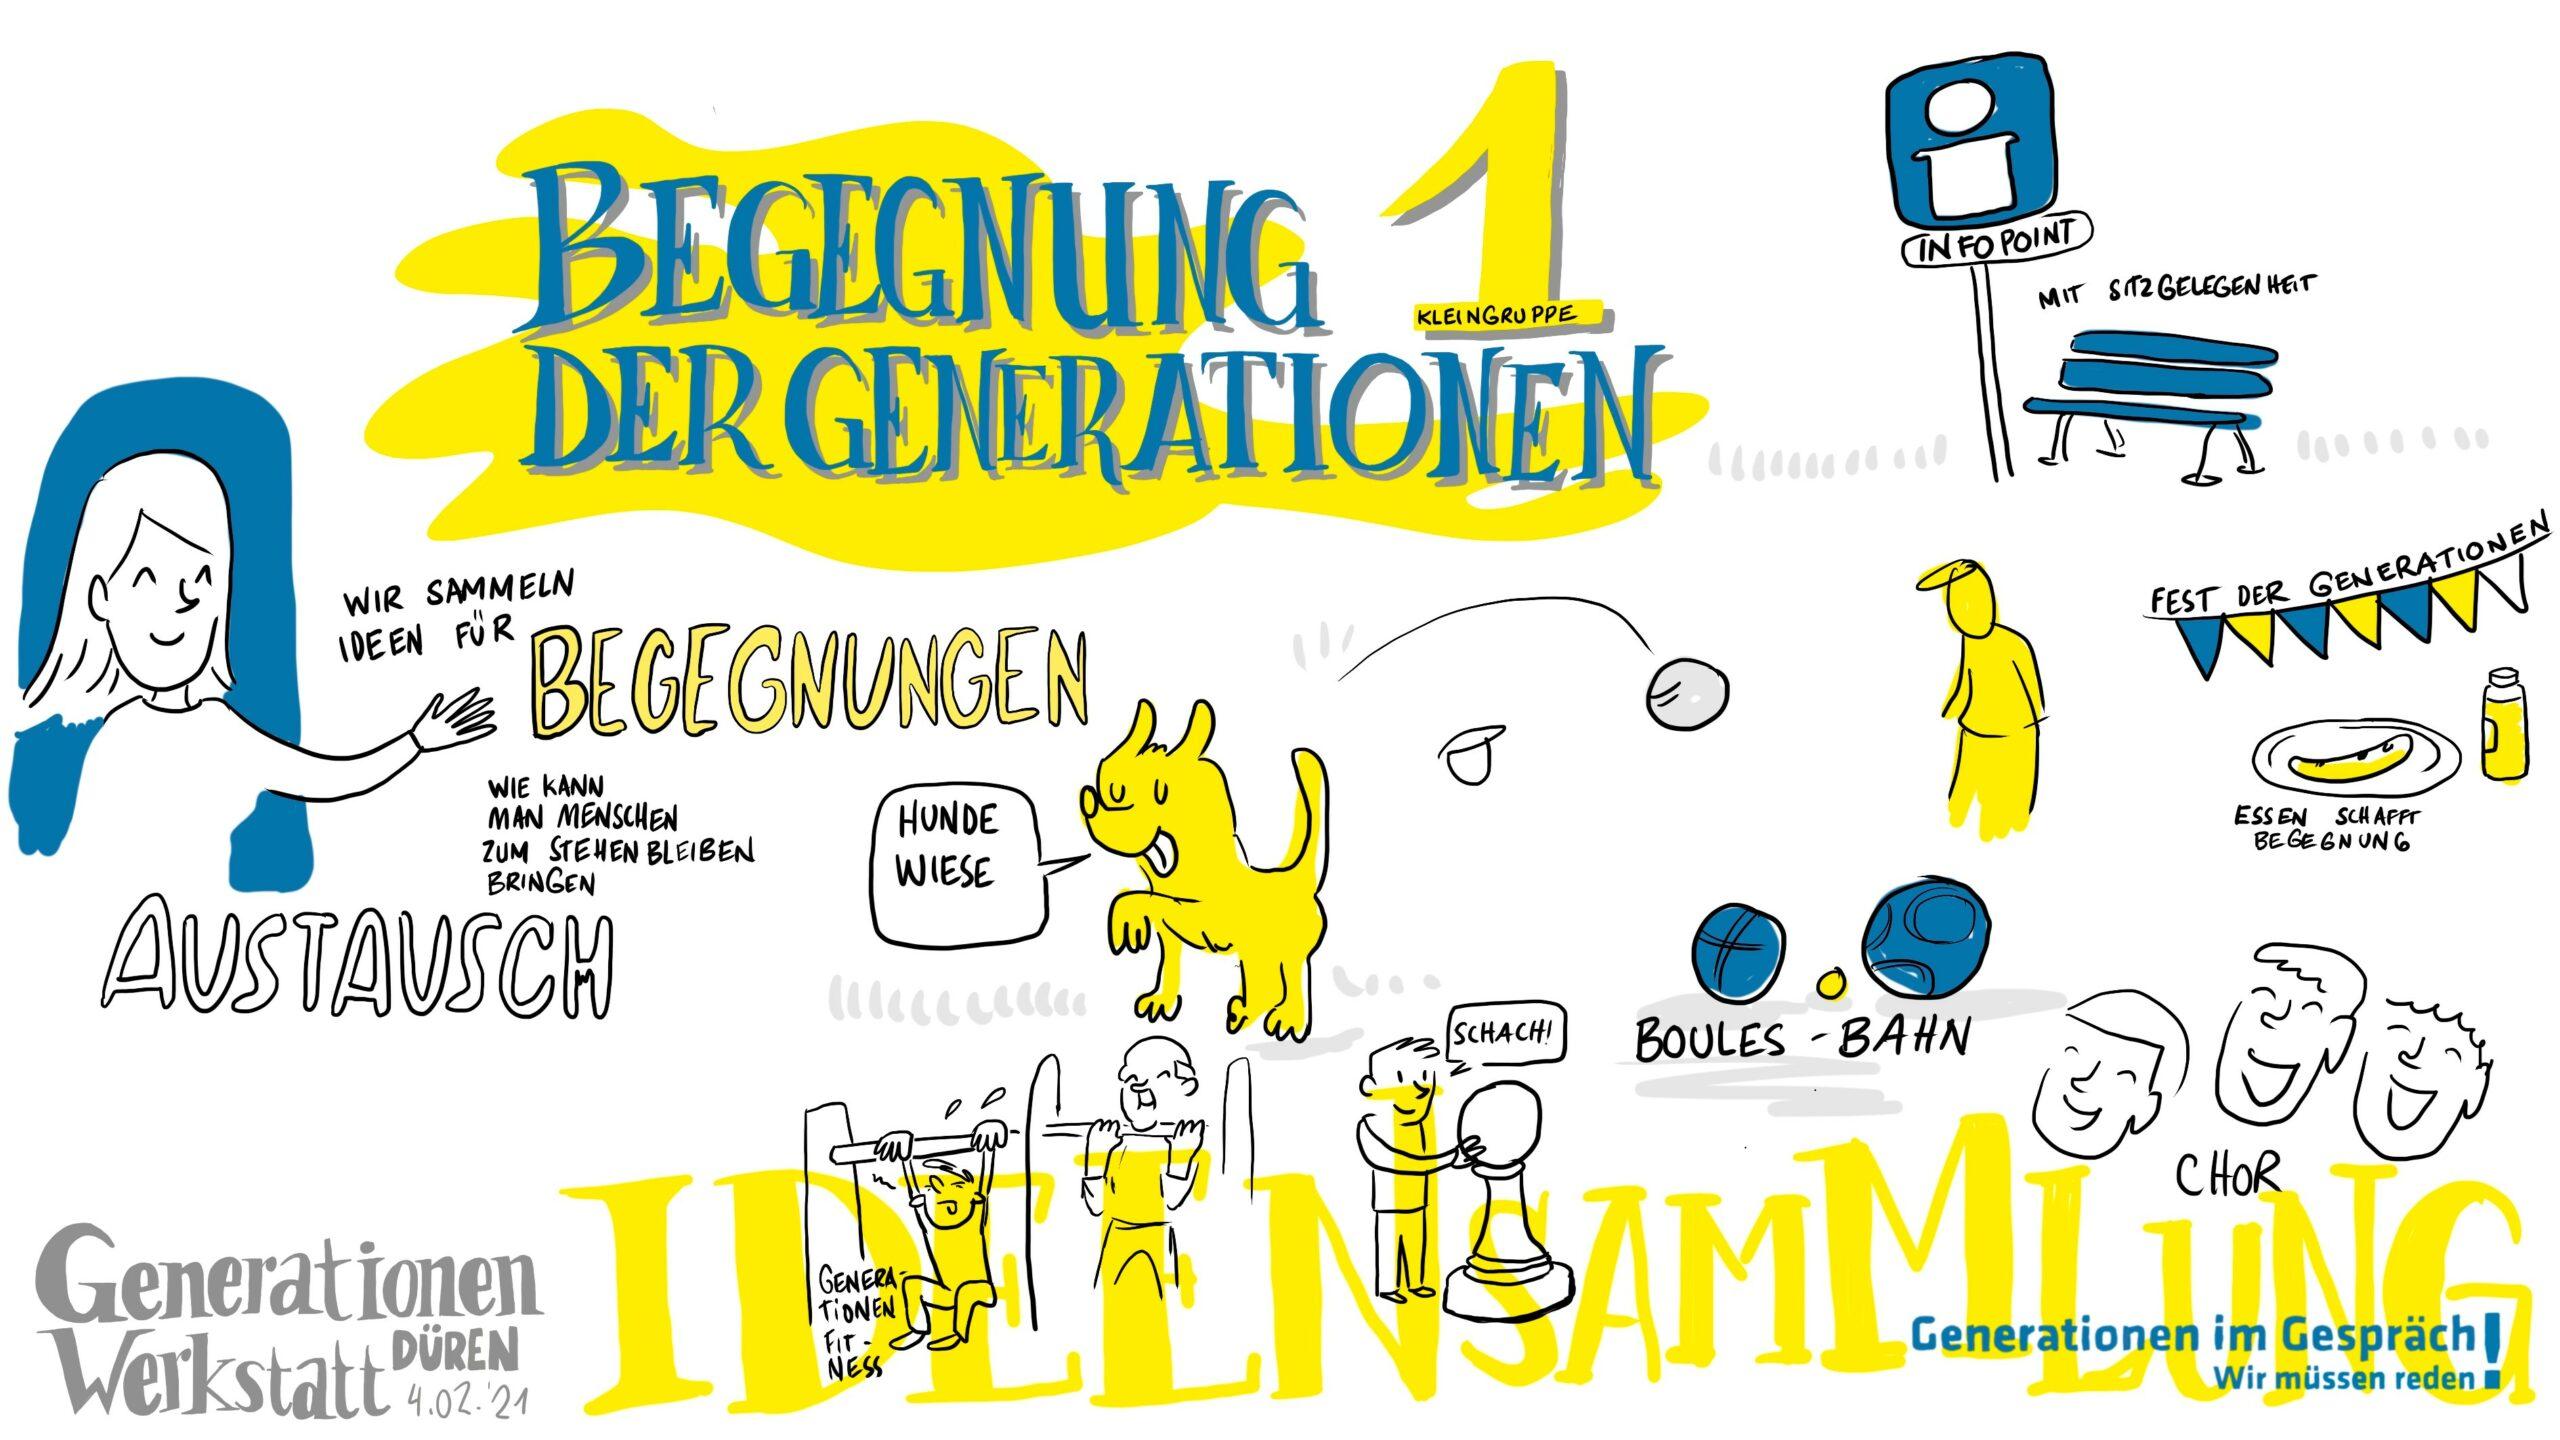 GenerationenWerkstatt Düren 04022021 Final – 3